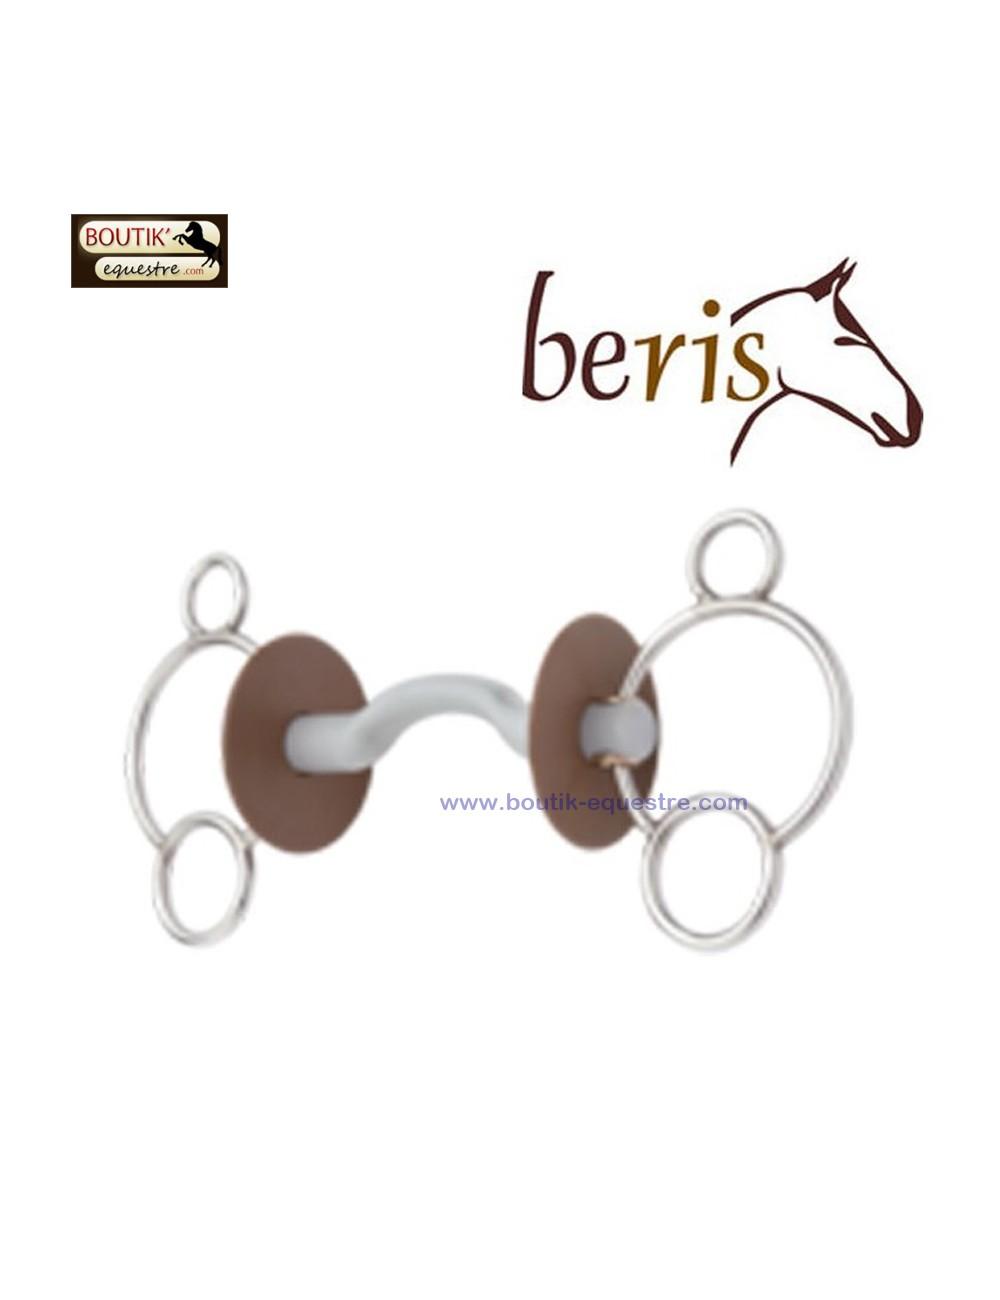 Mors Beris 3 anneaux a passage de langue